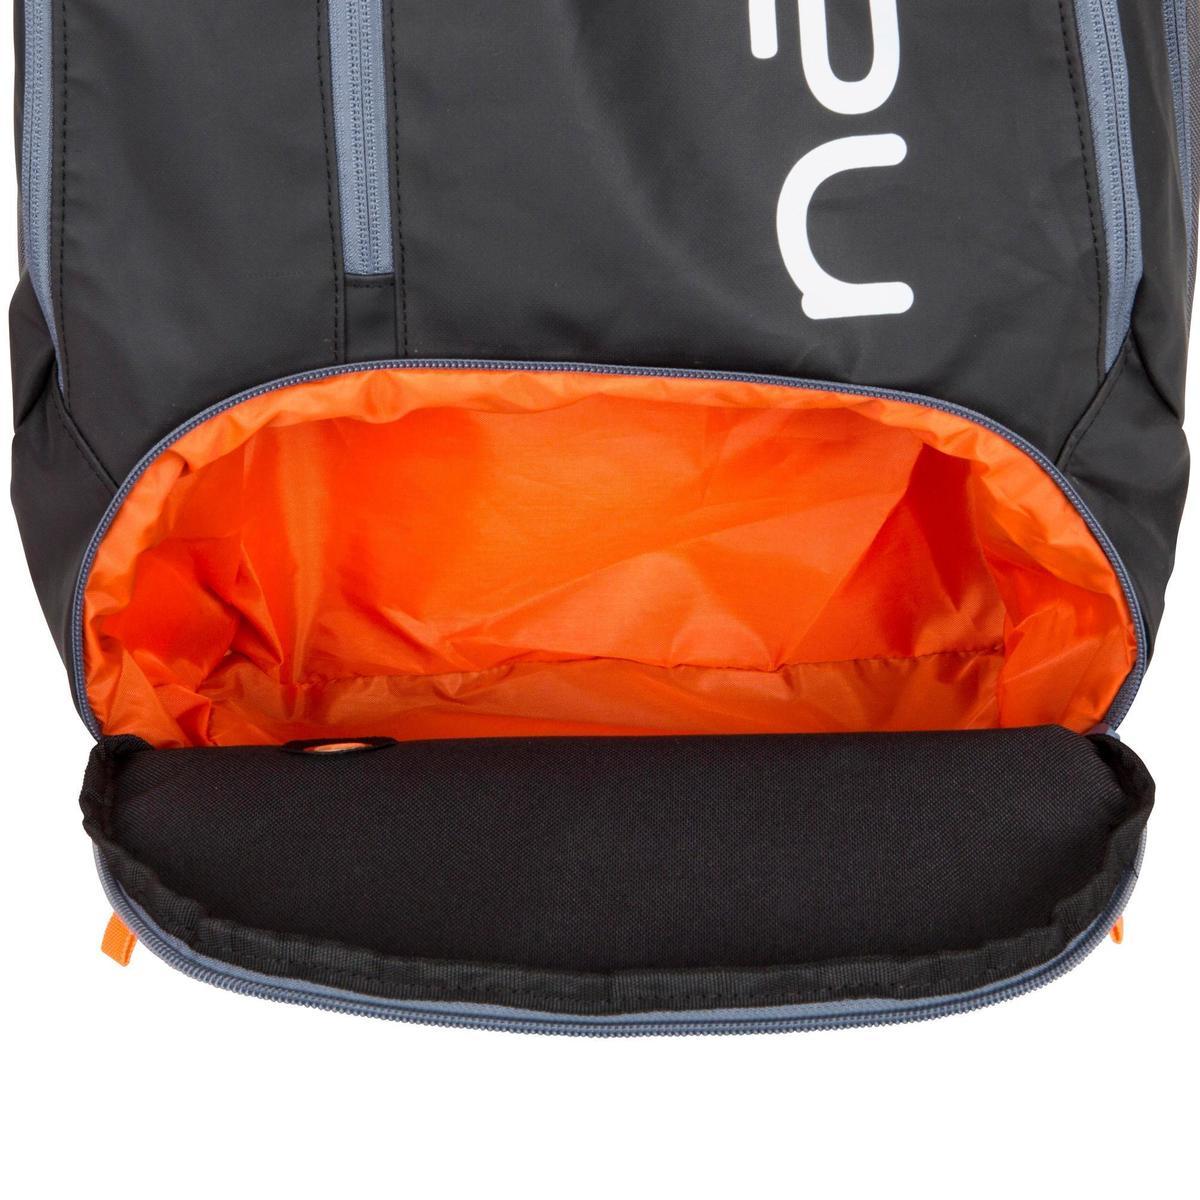 Bild 5 von Schwimmrucksack 34 L schwarz/orange